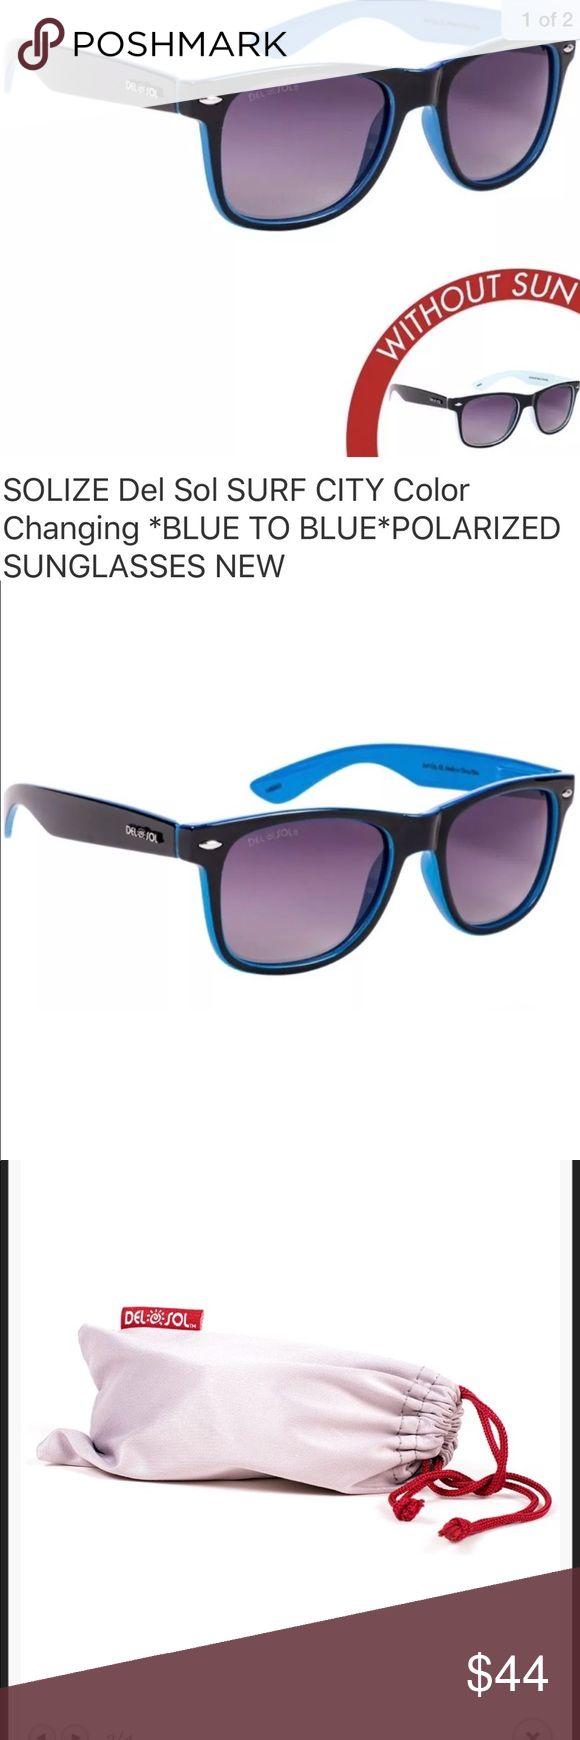 Solize Del sol Color Change In sun Sunglasses Color ...